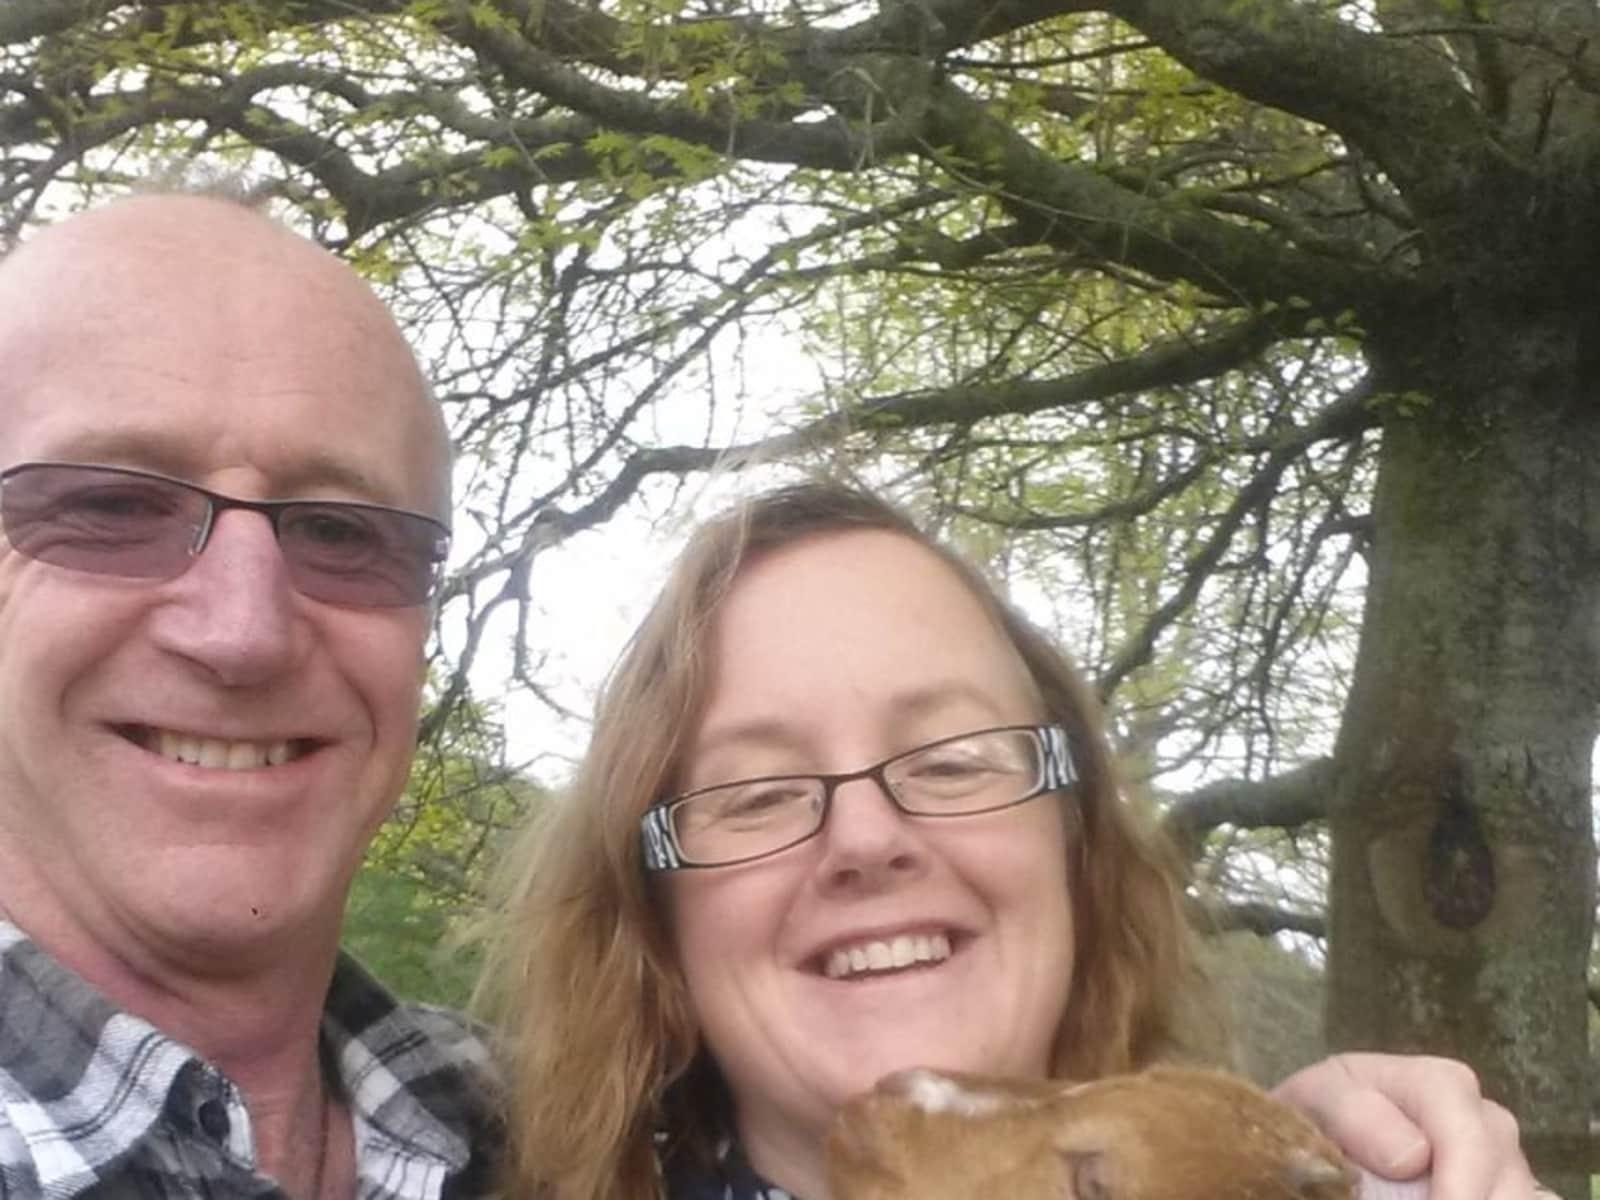 Alison & Graham from Tauranga, New Zealand